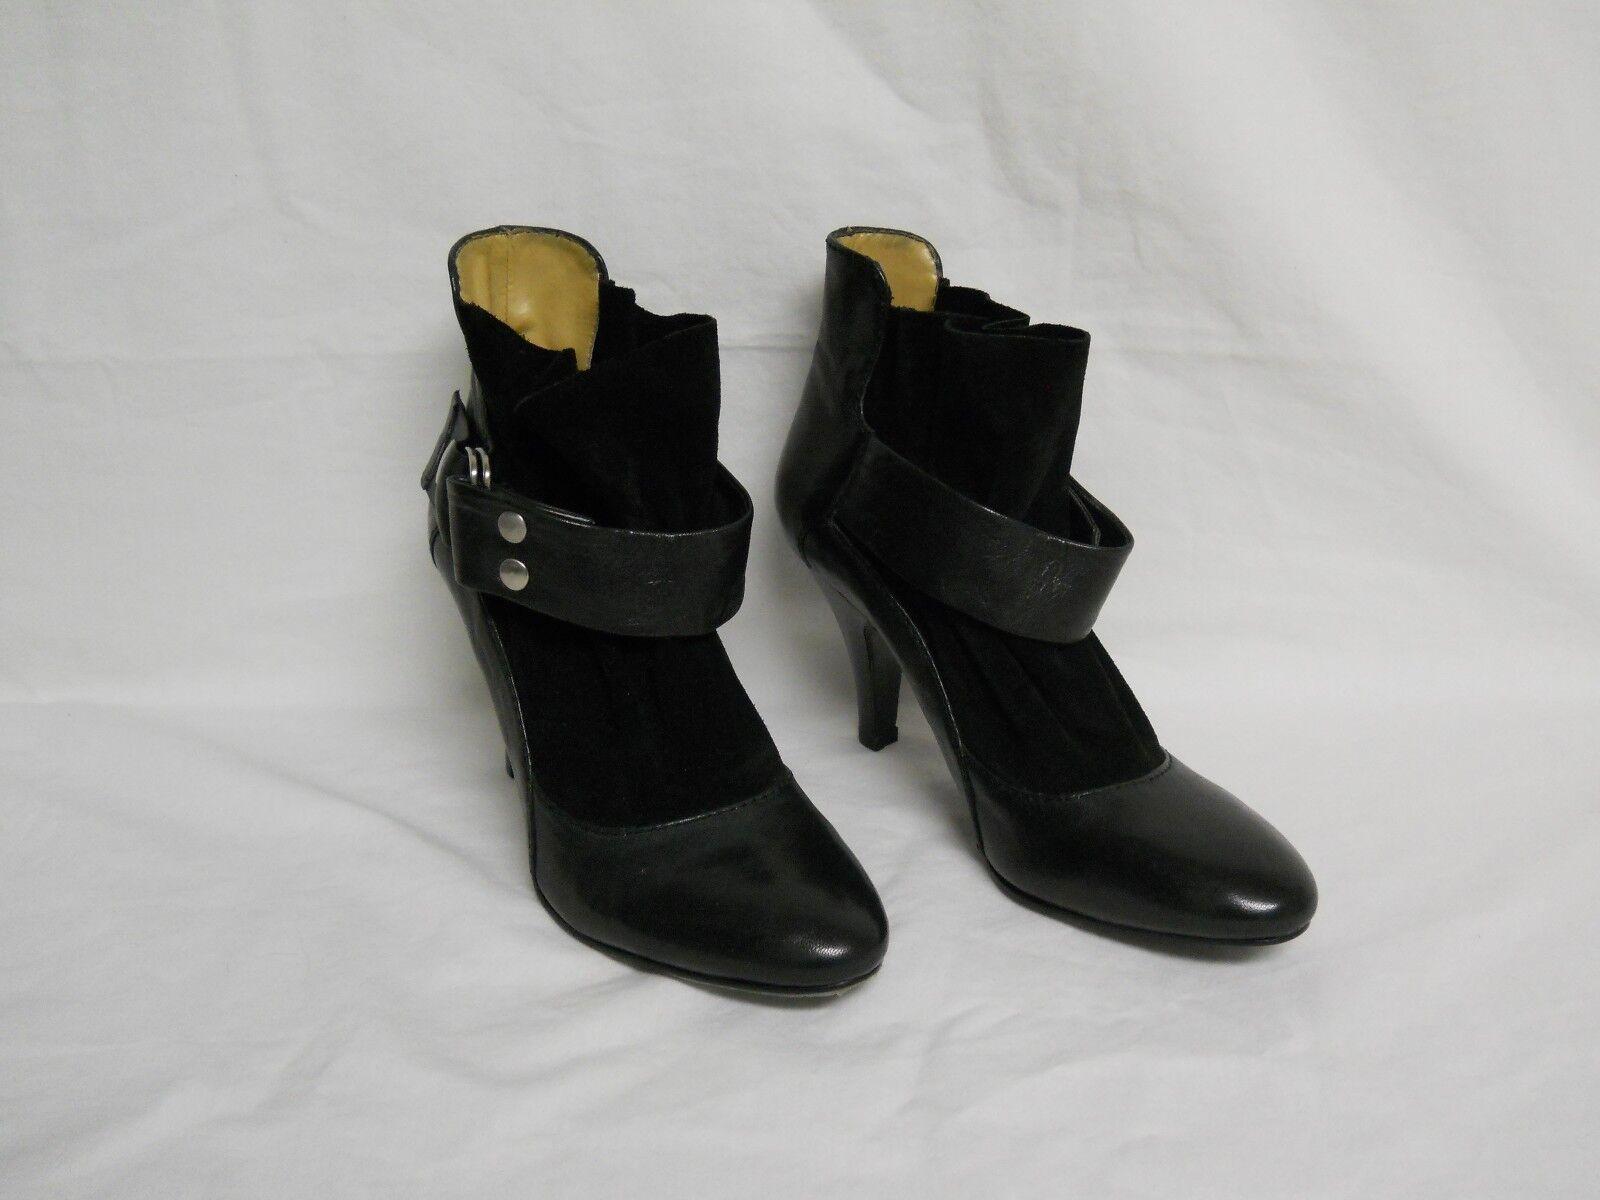 autorizzazione ufficiale Nine West New donna Idolize Idolize Idolize nero Leather stivali 5.5 M scarpe NWOB  comprare sconti